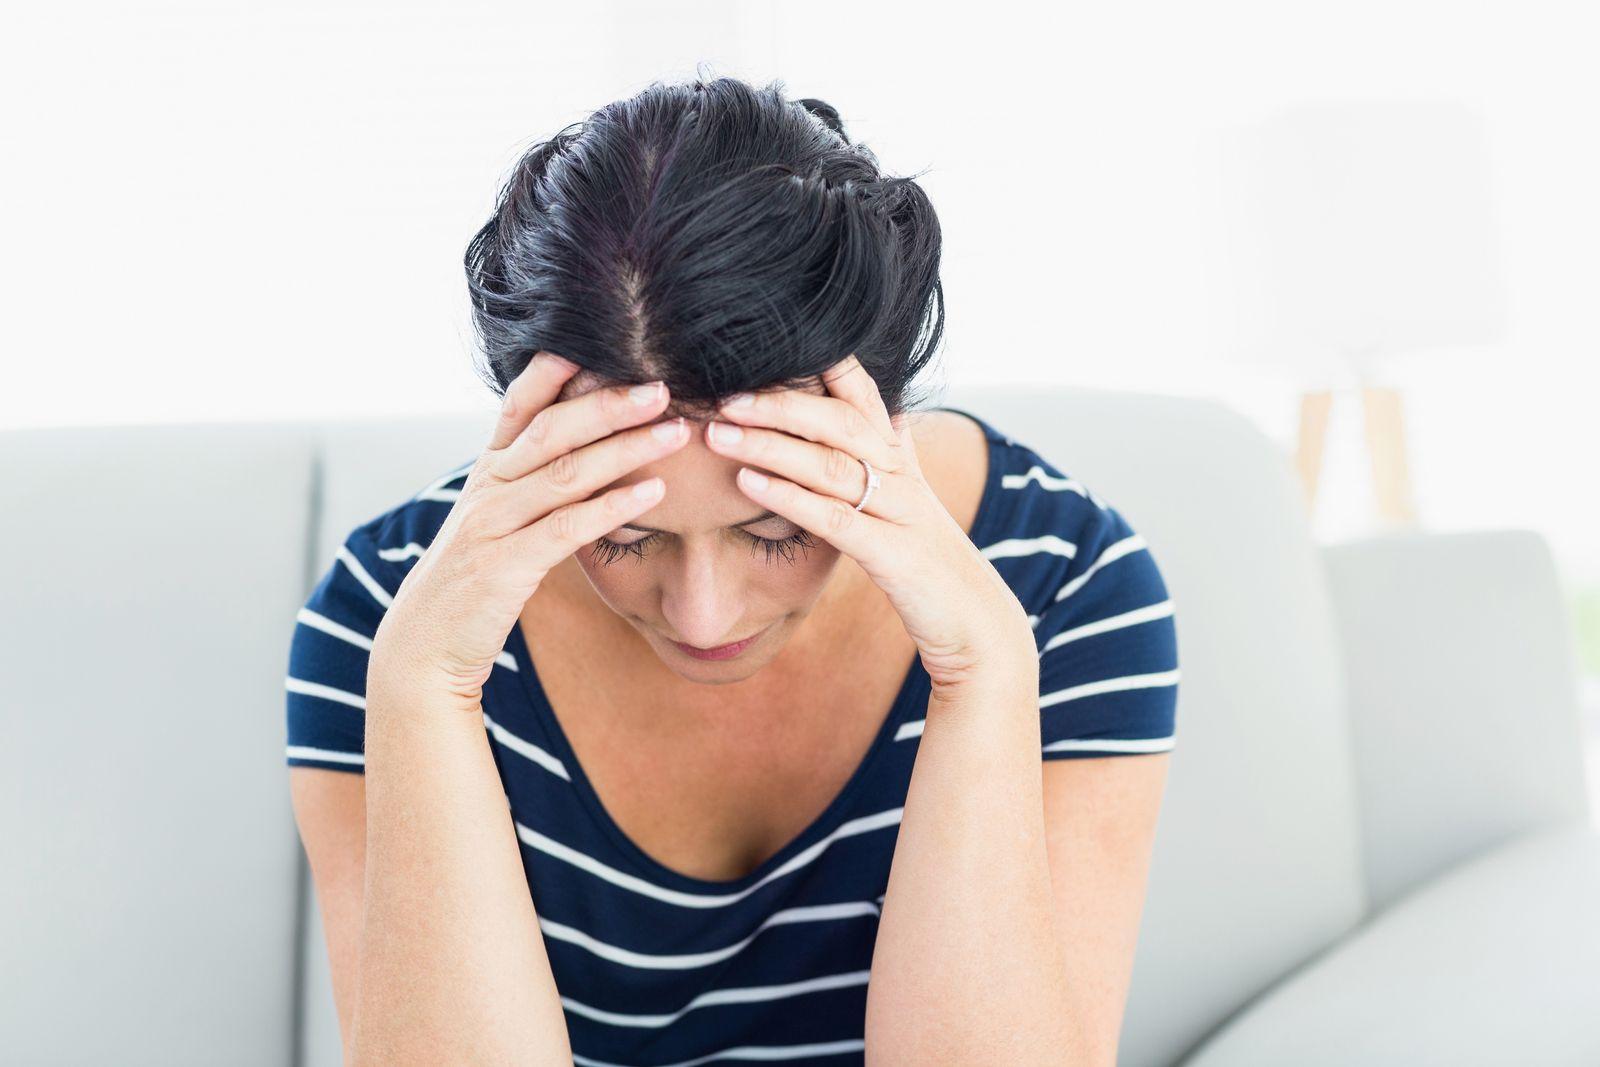 NICHT MEHR VERWENDEN! - Depression / Angst / Phobie